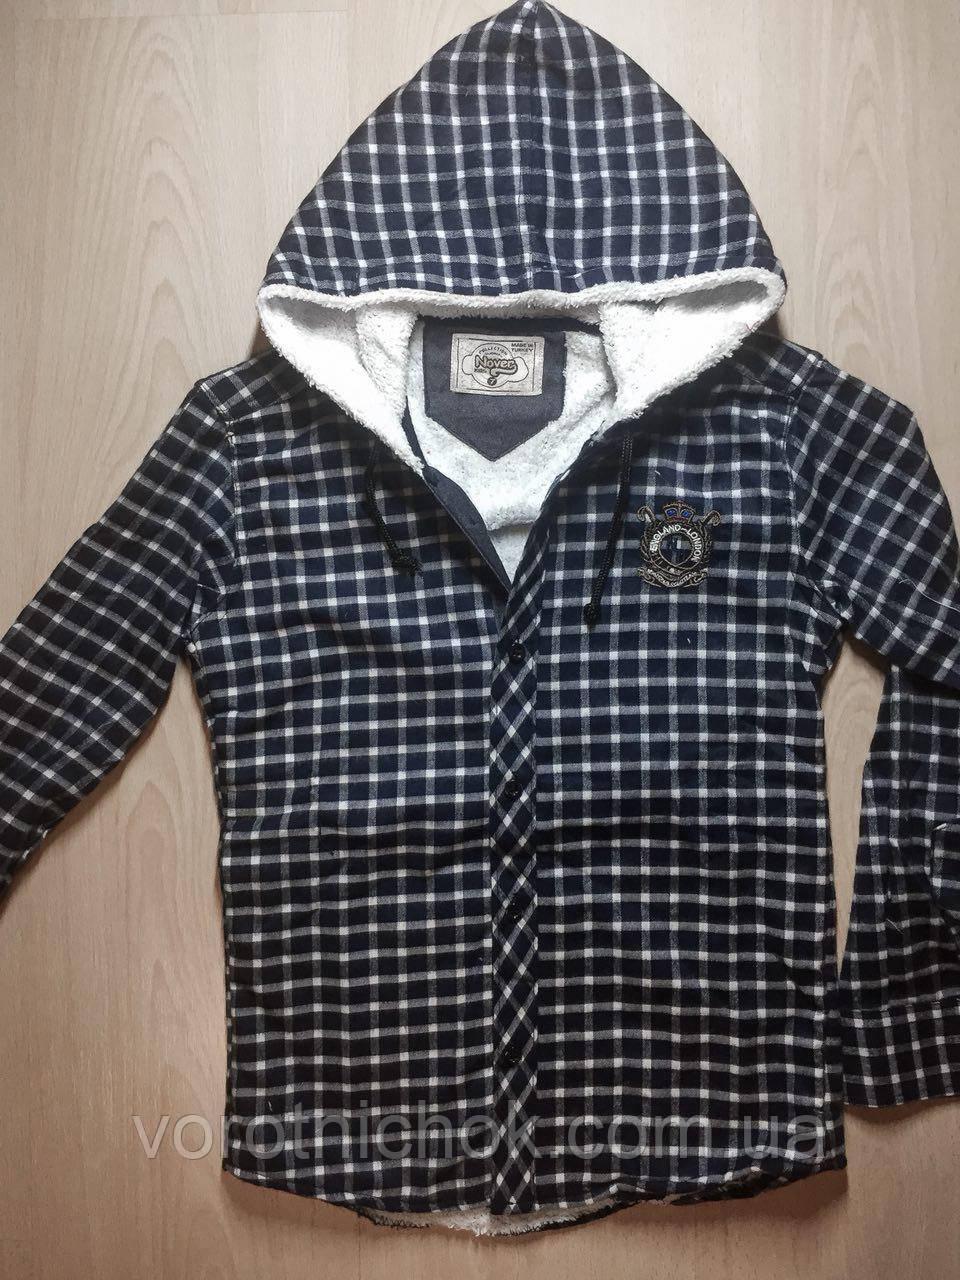 Детская рубашка 9- 12 лет